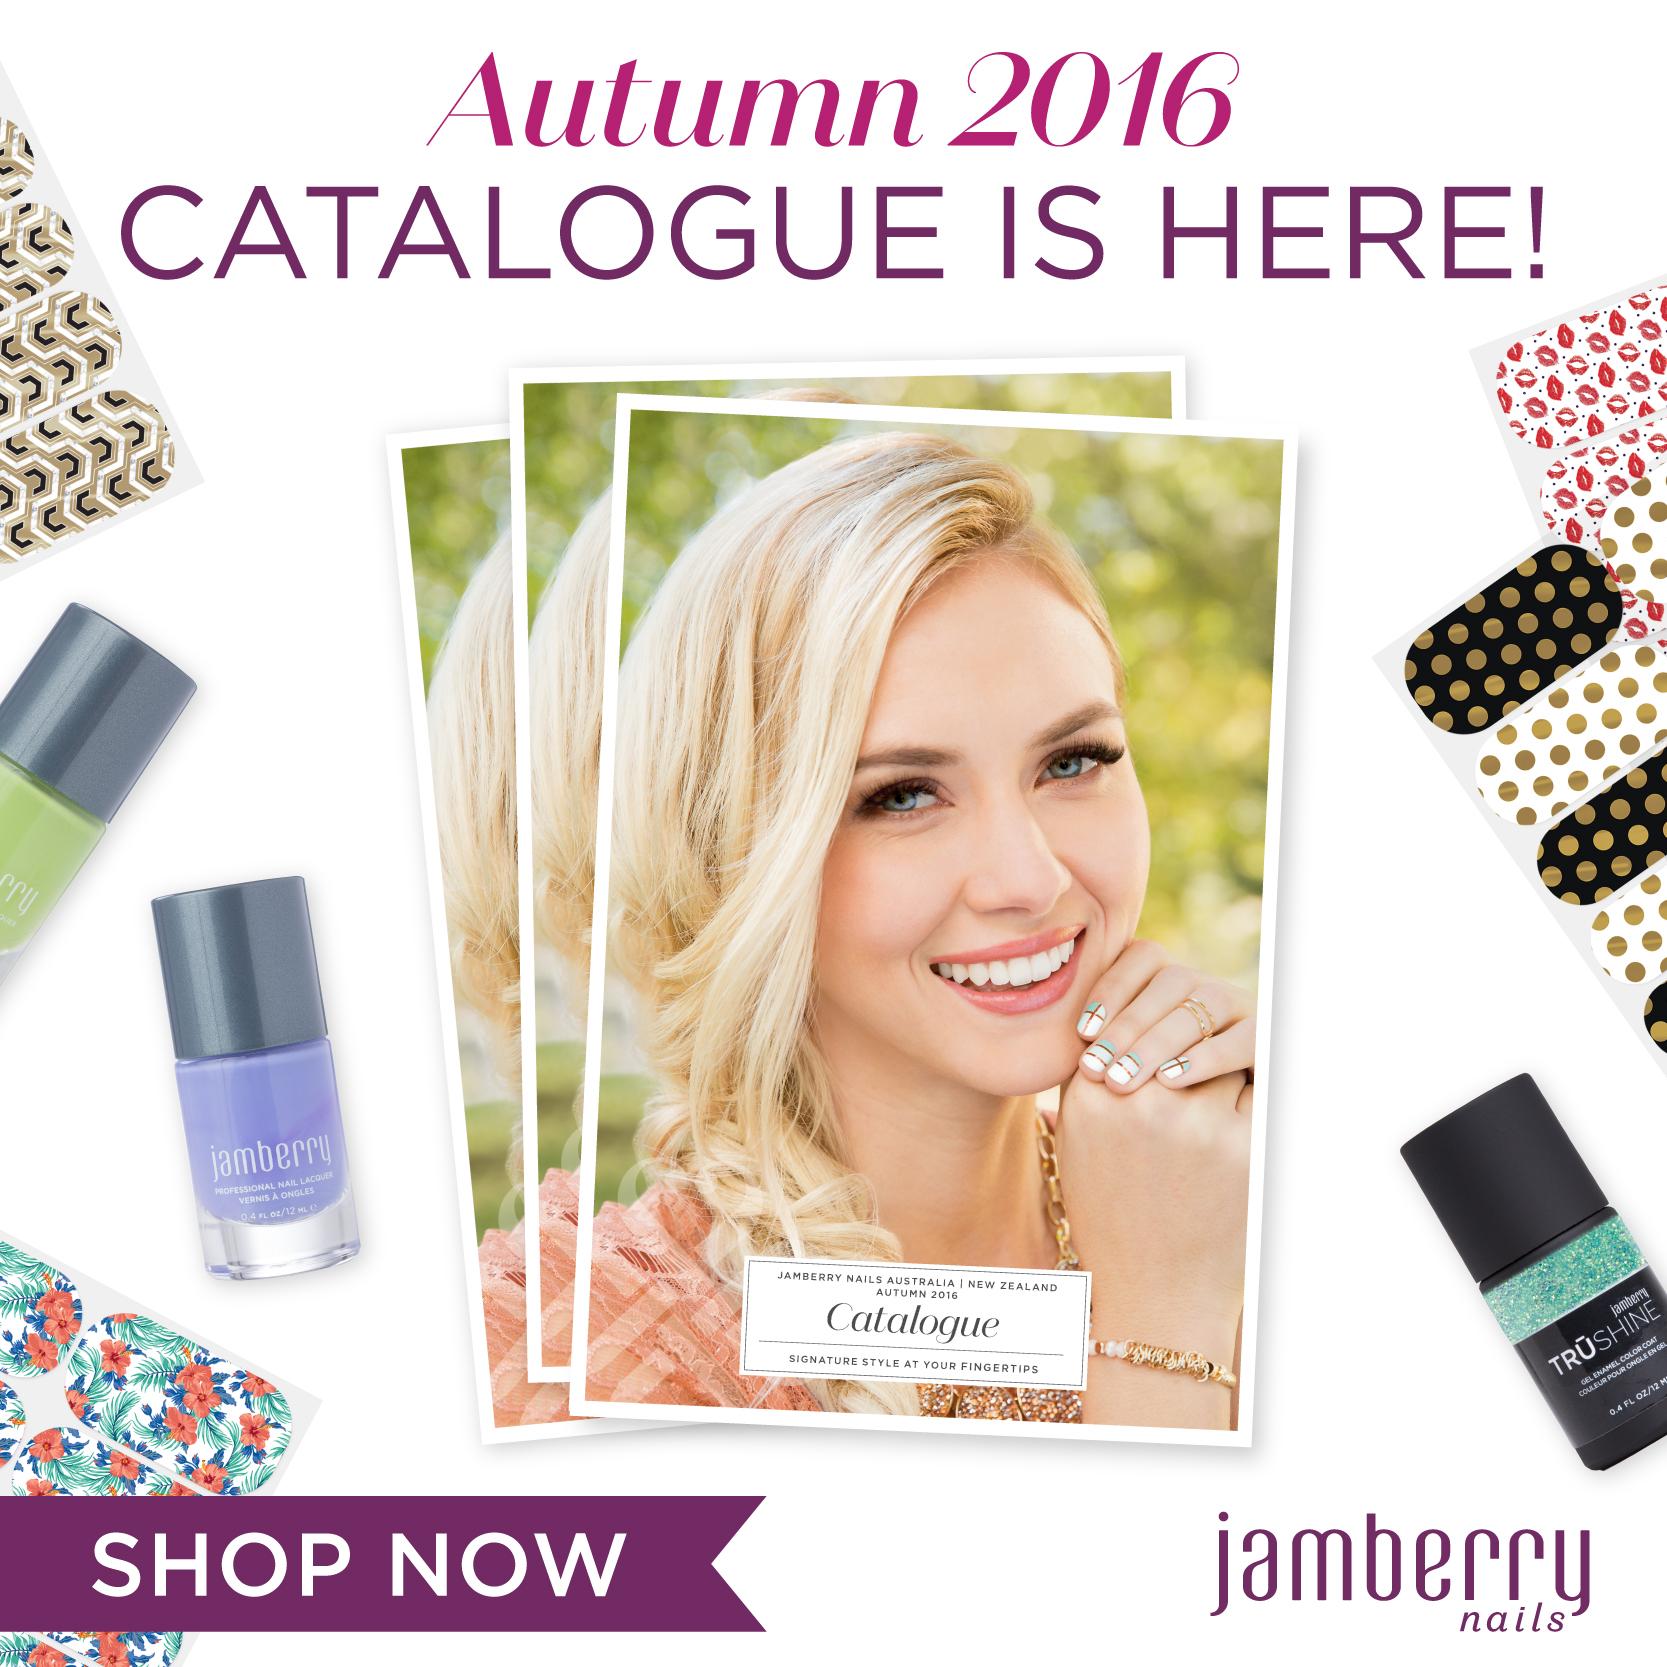 Autumn 2016 Catalogue is LIVE!